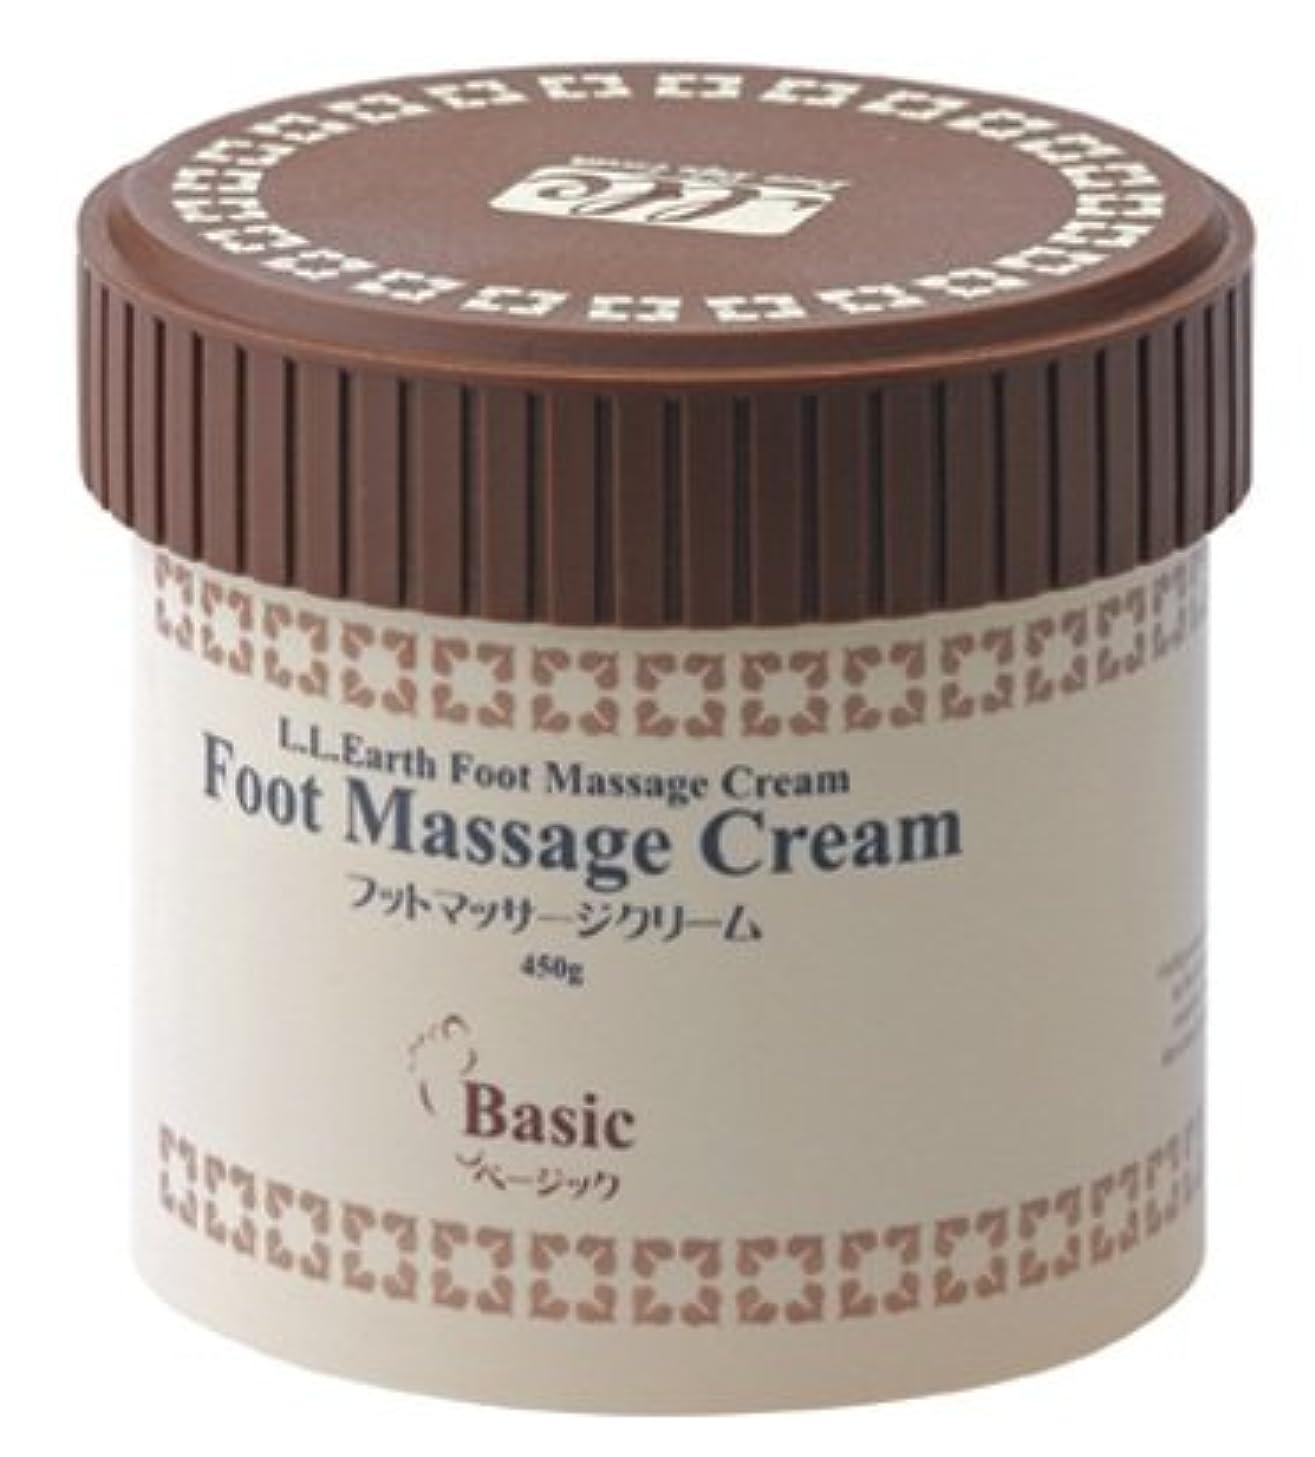 表面批判的無駄なLLE 業務用 フットマッサージクリーム 450g [香り2種類] (フットマッサージ専用) ベーシック